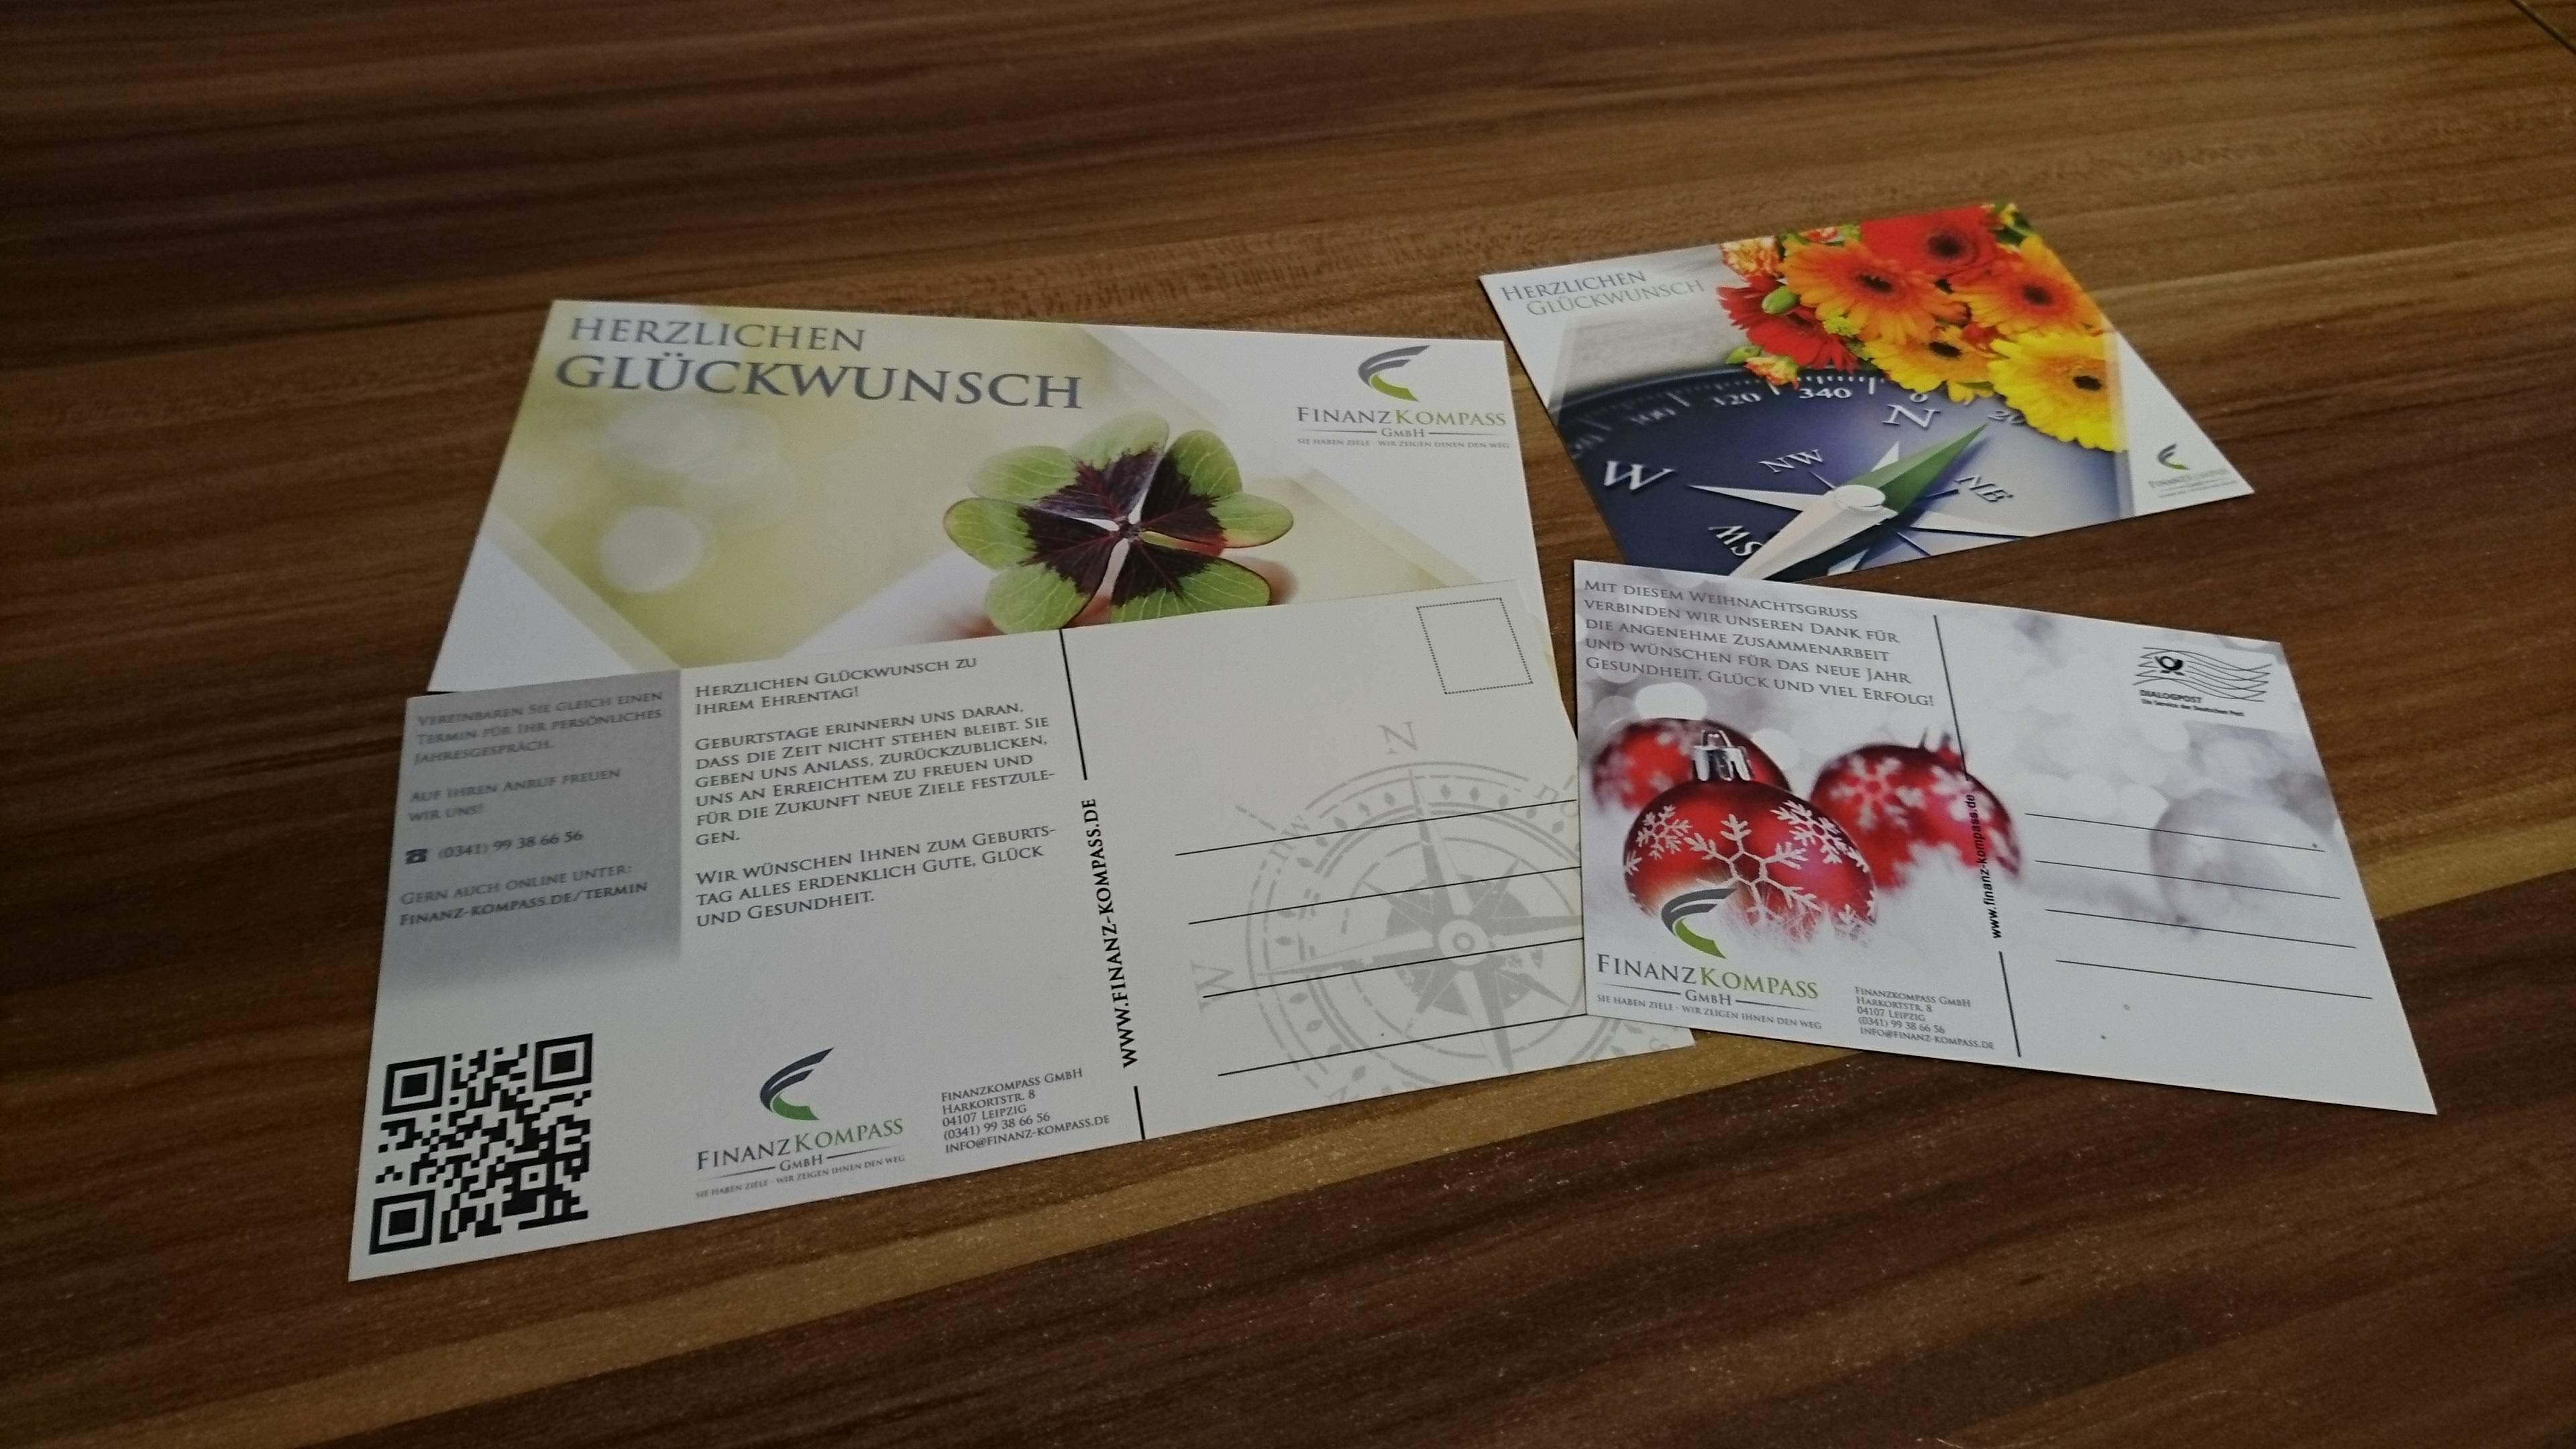 Finanz Kompass GmbH - Gestaltung Glückwunschkarten, Postkarten Design DIN A6